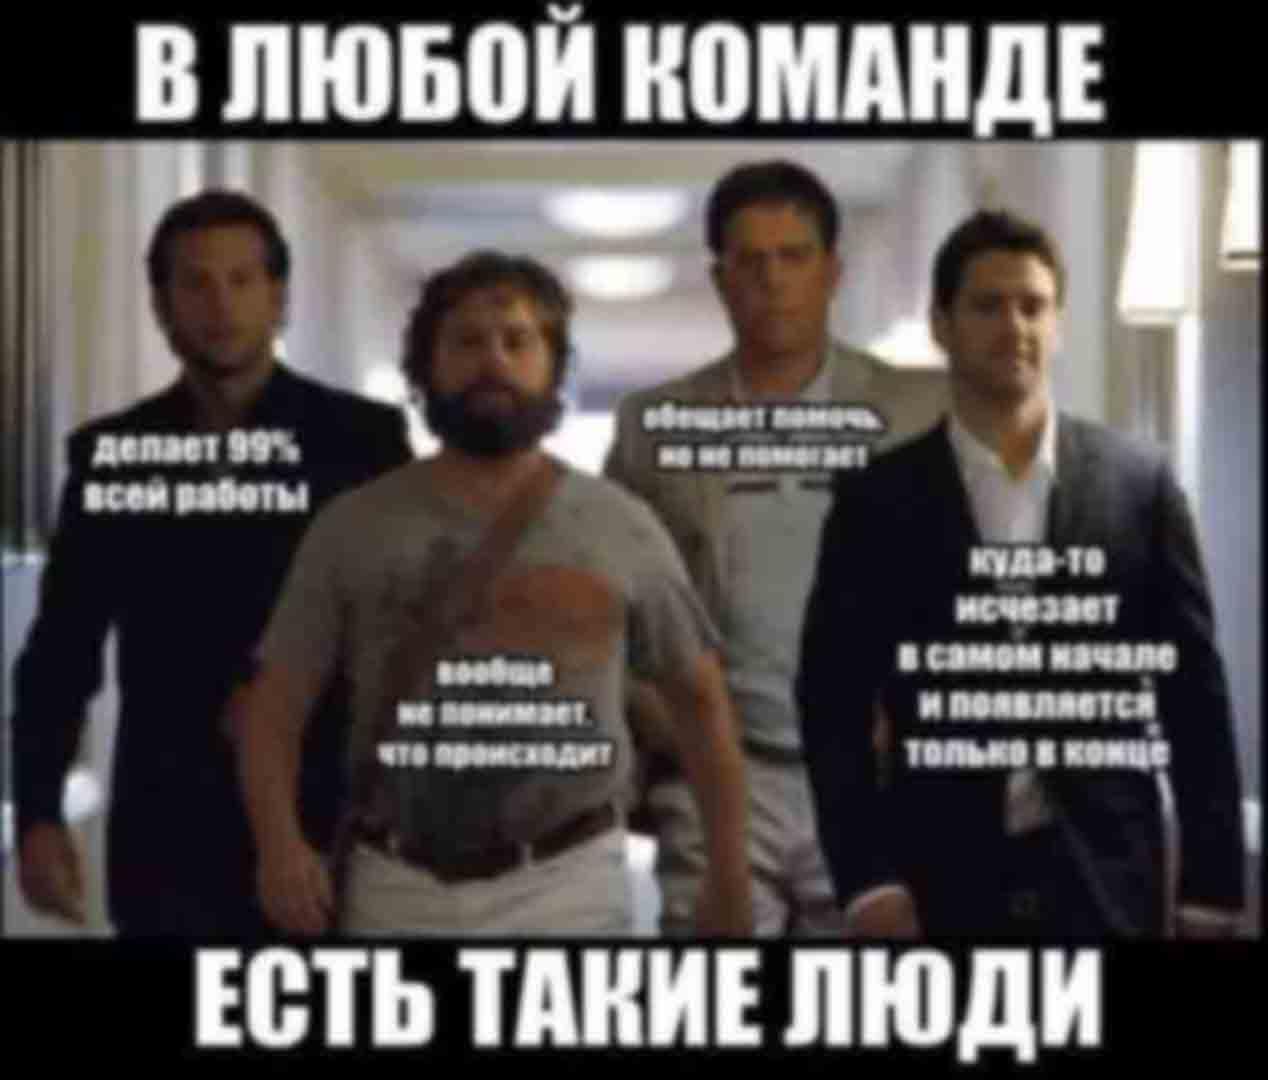 gruppa-pizdolizov